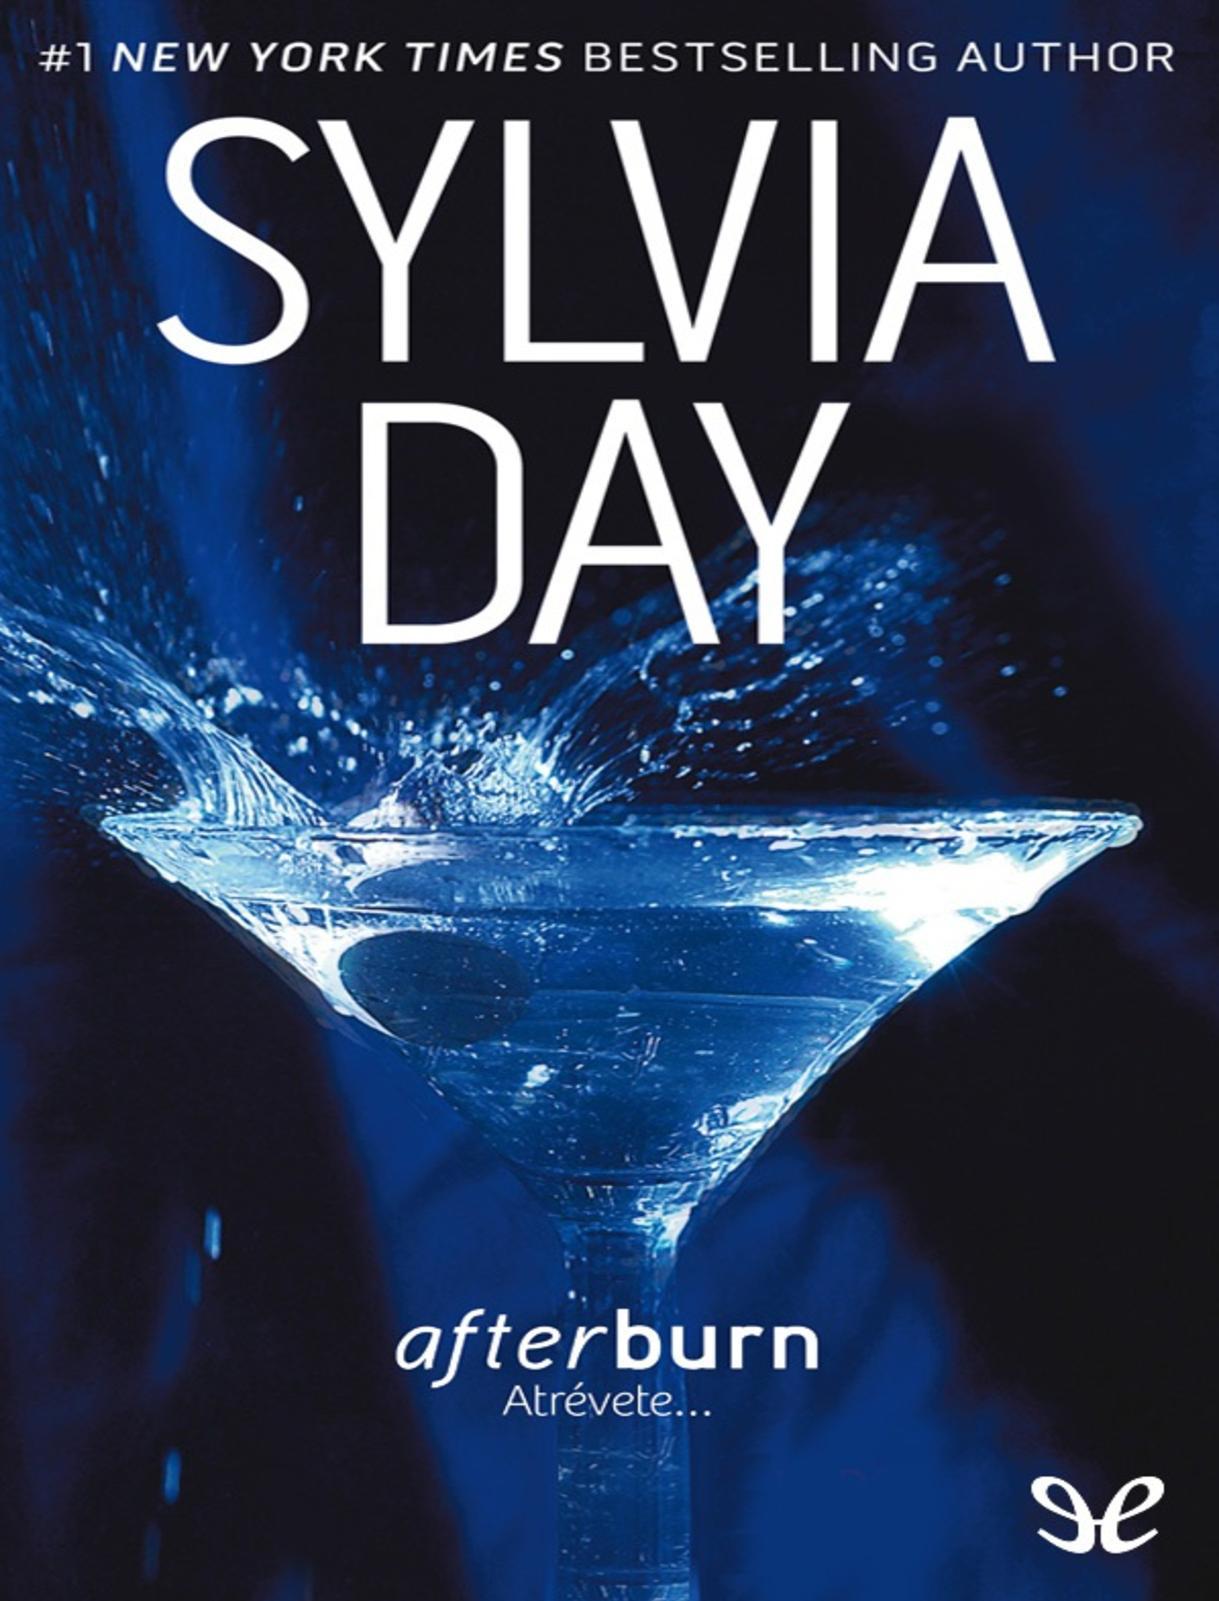 Afterburn Day1 Calaméo Calaméo Calaméo Day1 Day1 Sylvia Afterburn Sylvia Calaméo Afterburn Afterburn Sylvia Sylvia tdrshQC